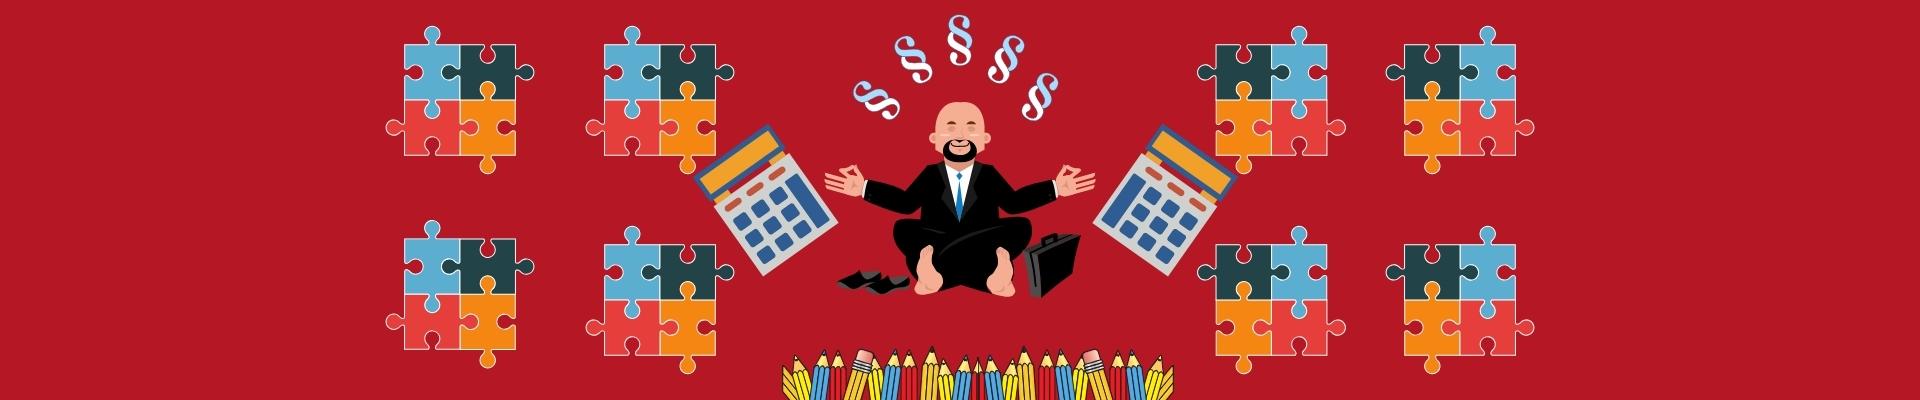 steuerberater steuererklaerung - steuerberater jahresabschluss - steuern sparen